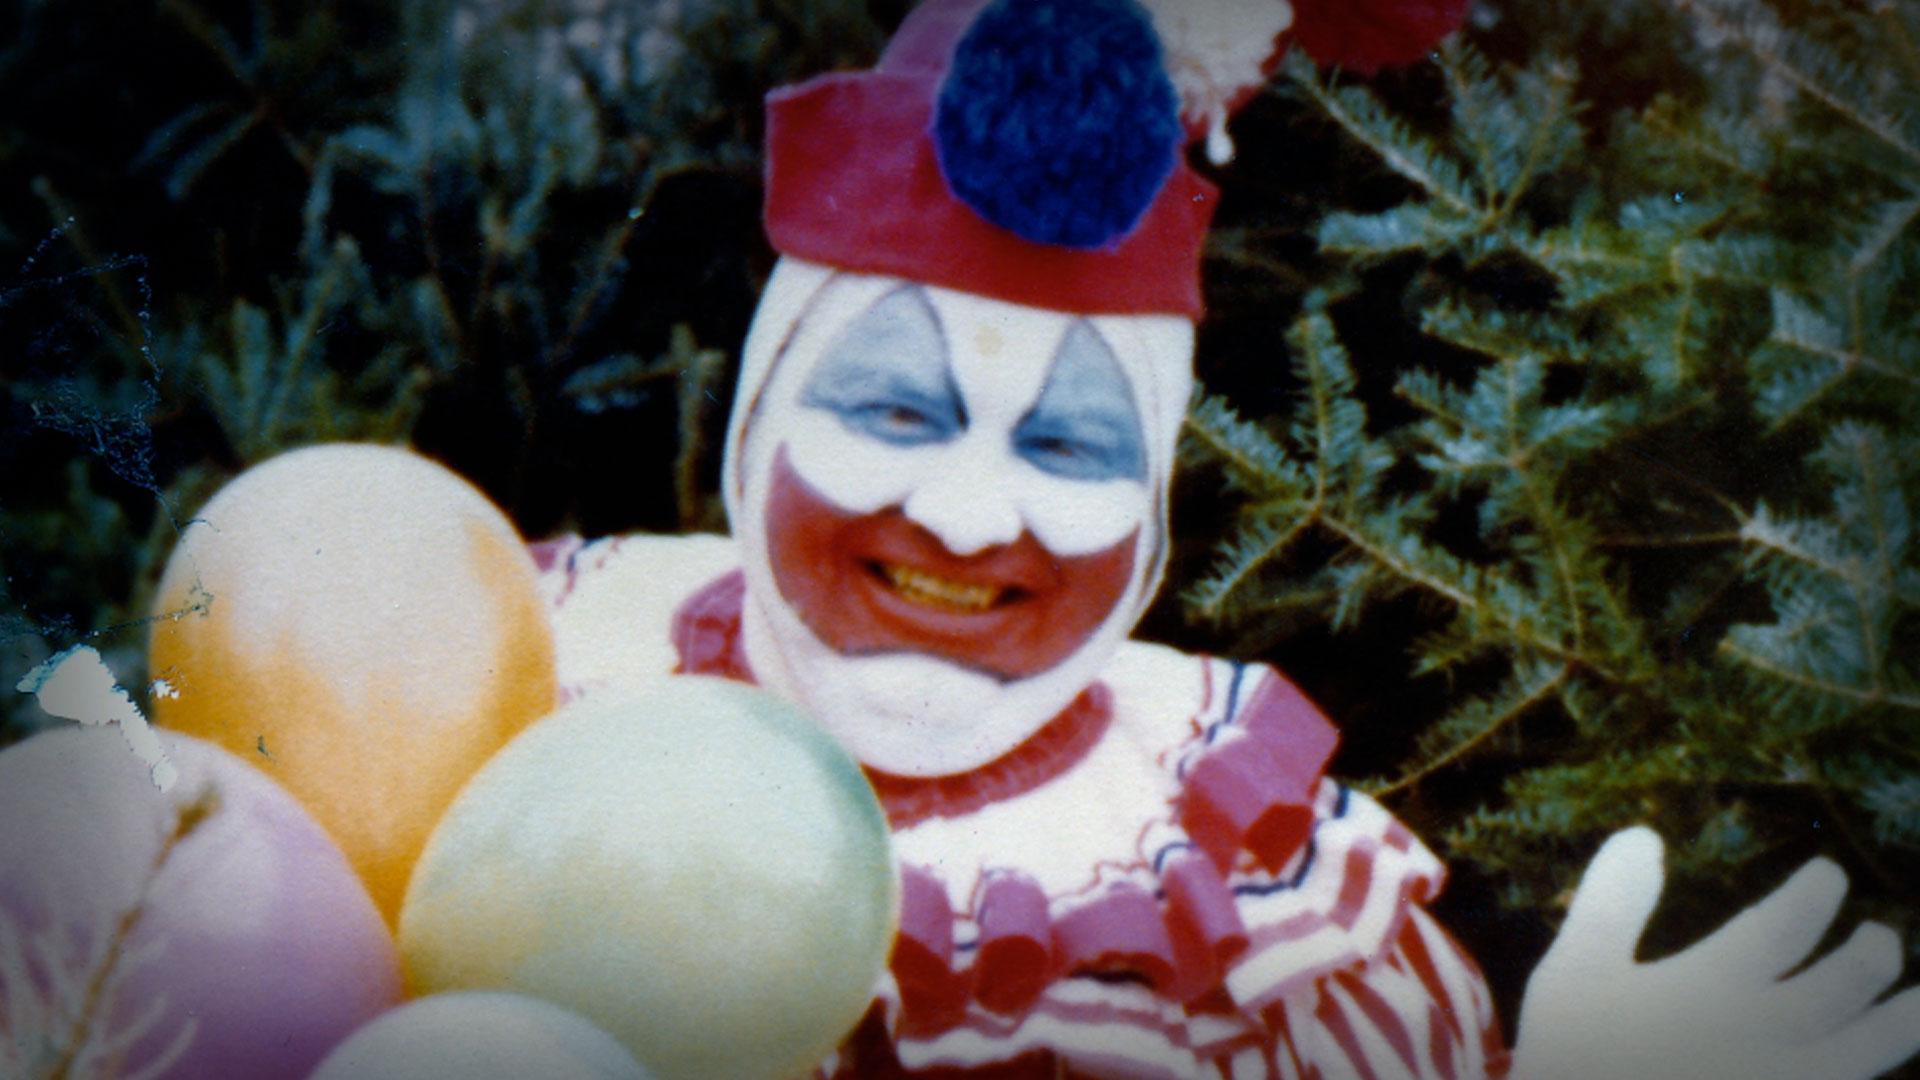 Killer Clown: John Wayne Gacy